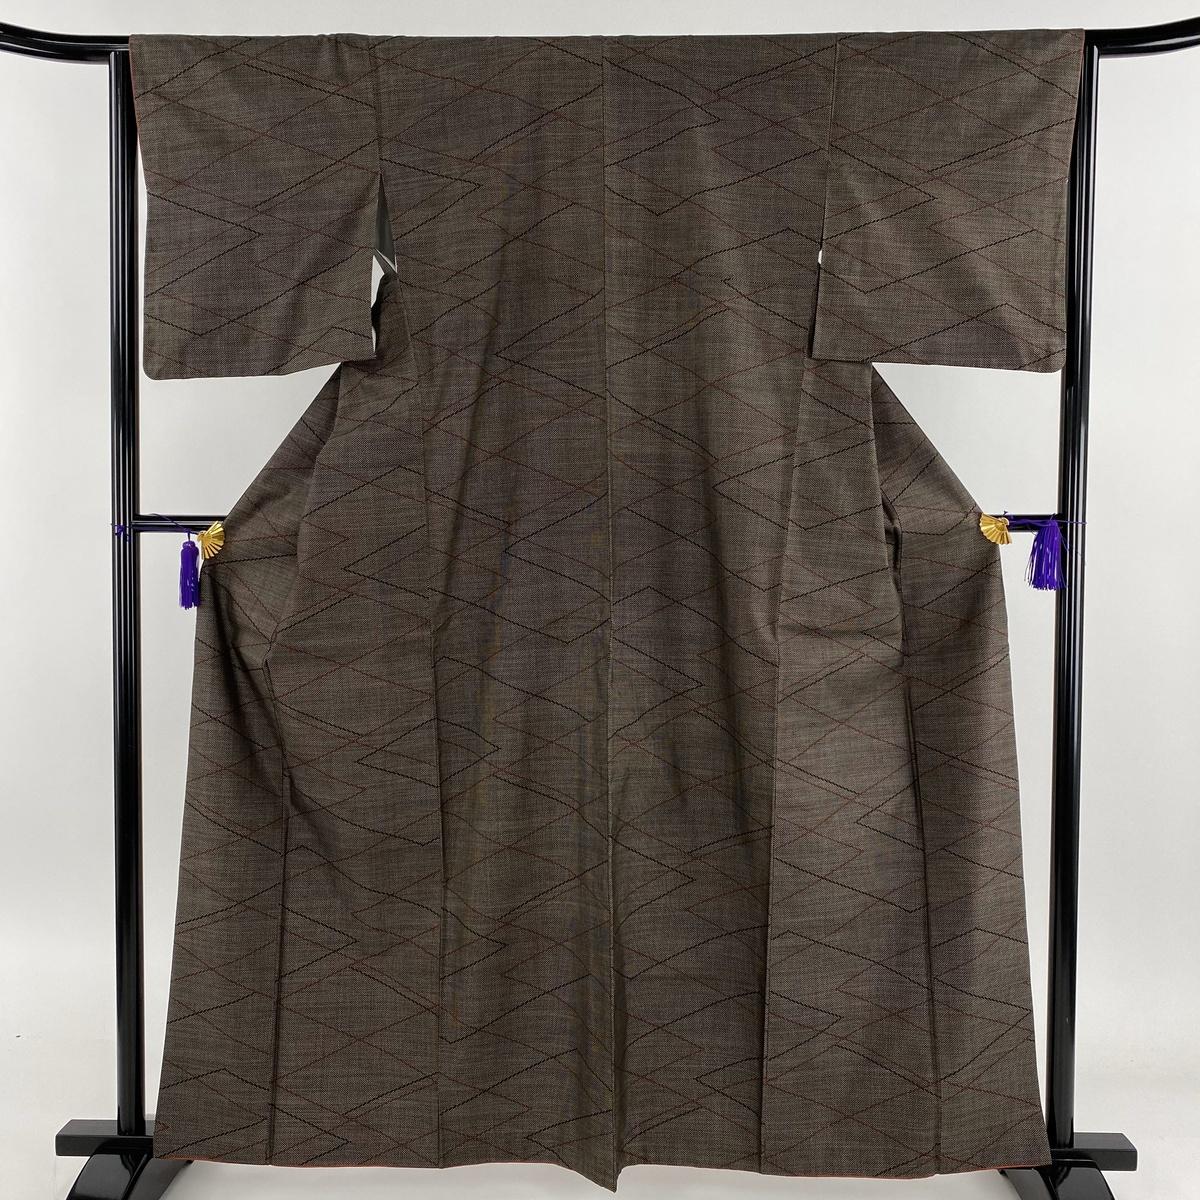 紬 美品 秀品 幾何学 焦茶色 袷 身丈161.5cm 裄丈63cm S 正絹 【中古】